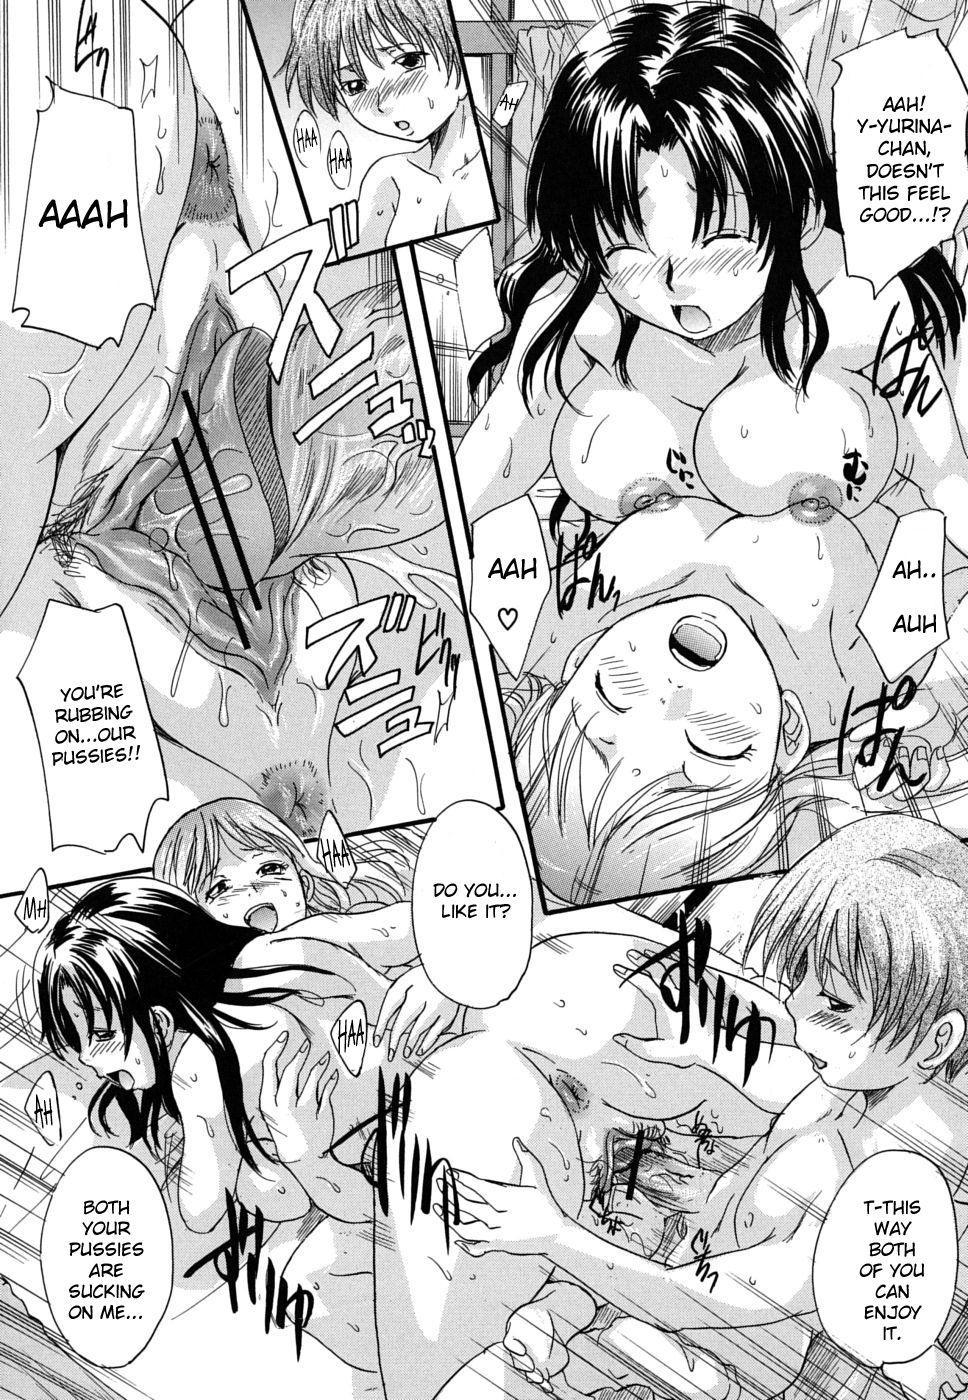 [Nakayama Tetsugaku] Mitsuami Slave - Slaves With Braid Her's Hair (Braid Slave) Ch. 5-6, 8 [English] [CrowKarasu] 33